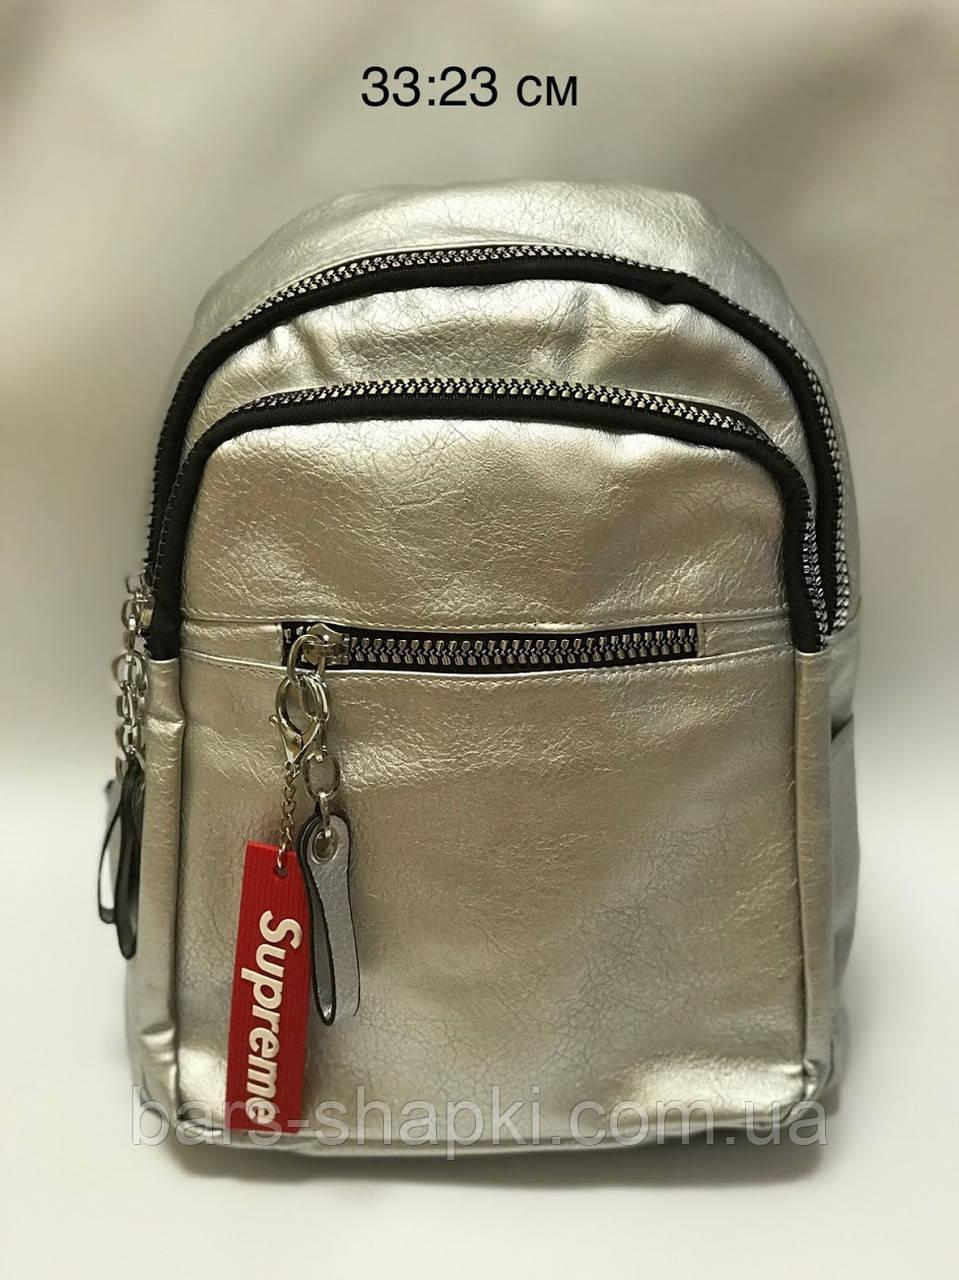 Качественный городской рюкзак с подкладкой. Размер 33:23 см. Есть опт.